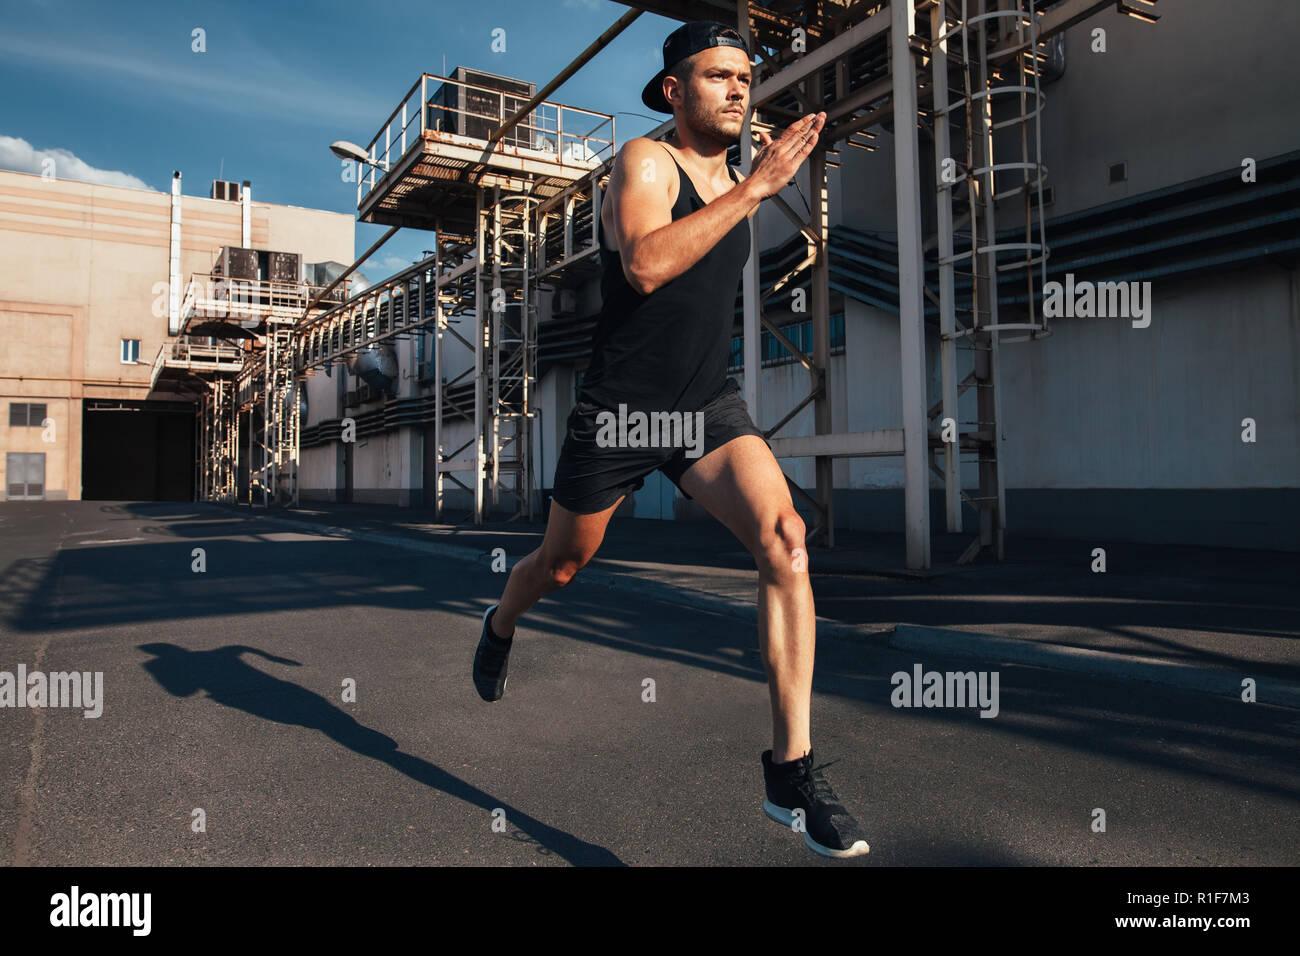 Deportivo hombre corriendo rápido en la ciudad industrial de fondo. El deporte, el atletismo, la gimnasia, el jogging actividad Imagen De Stock